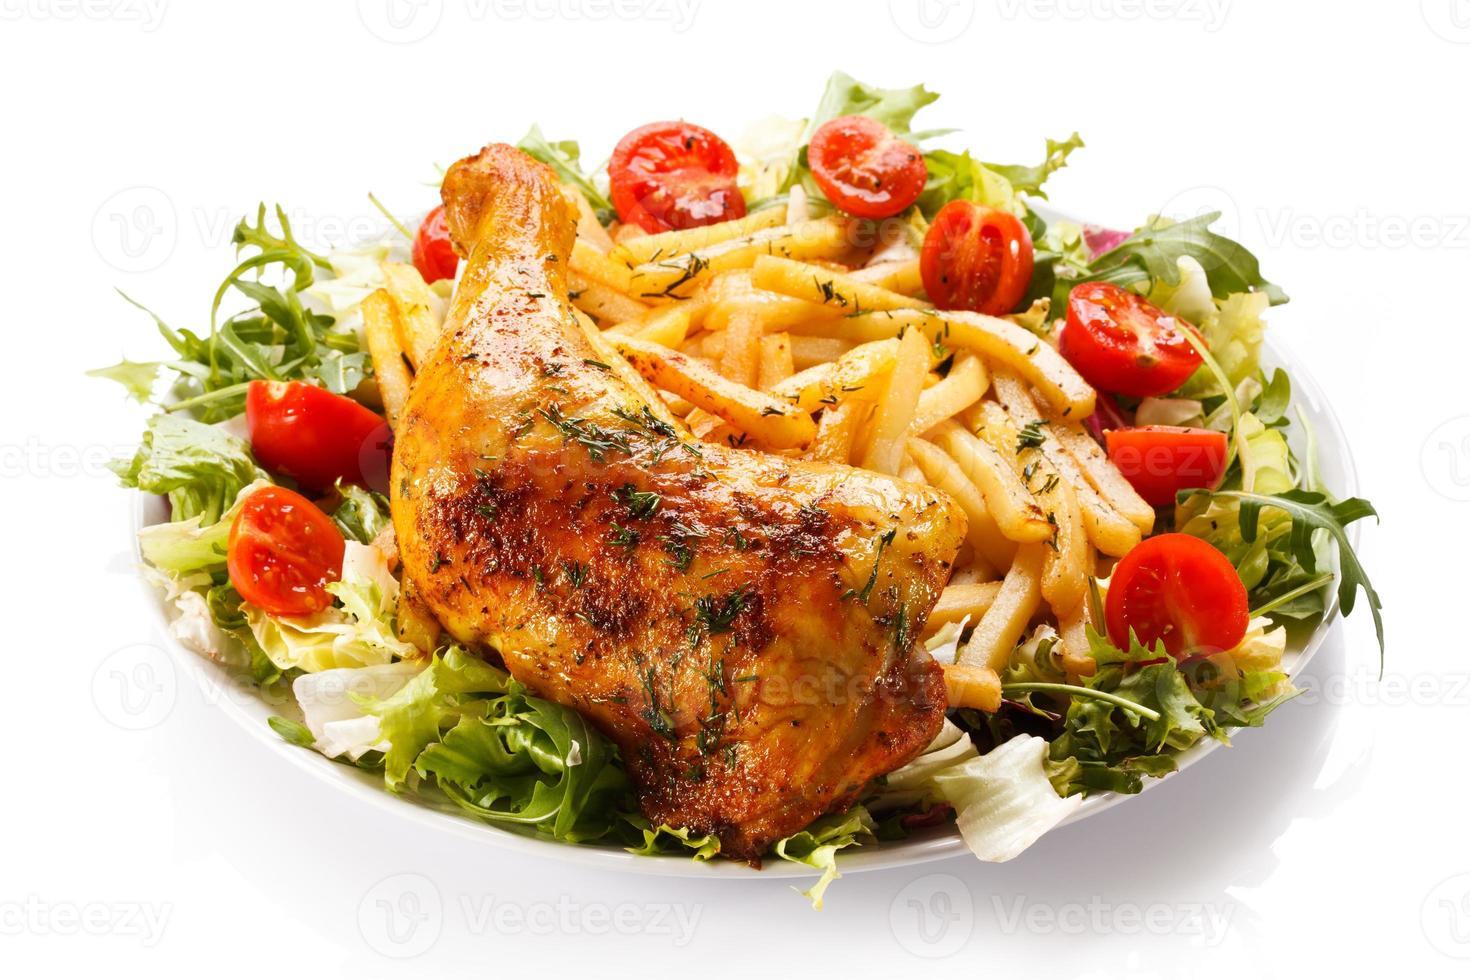 coxa de frango assada, batata frita e legumes foto